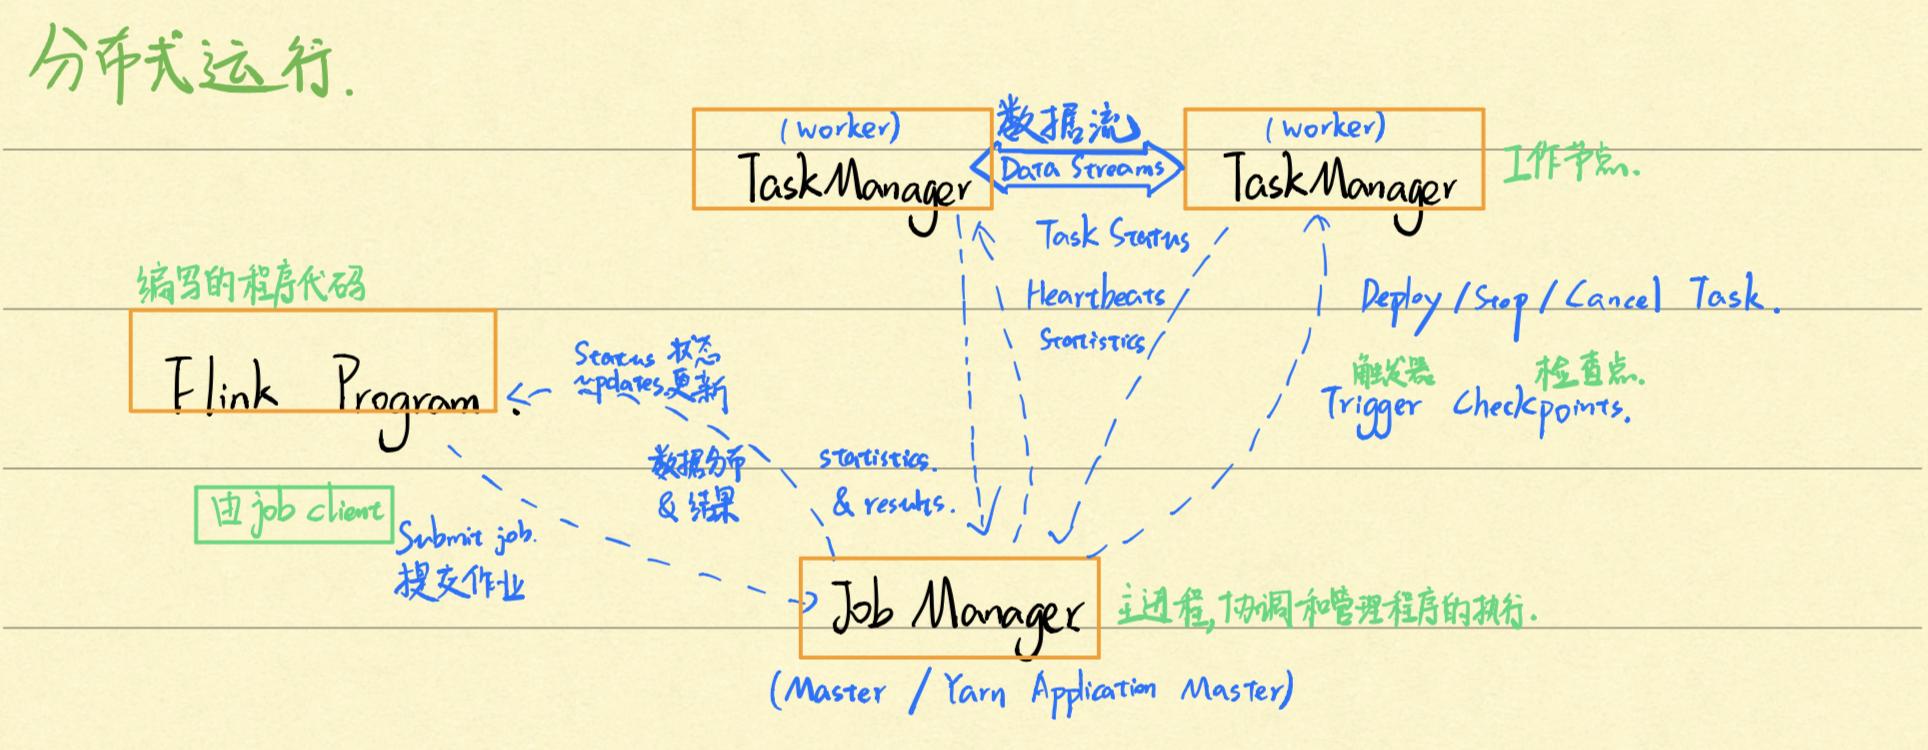 小白都能懂的 Apache Flink 架构解析!